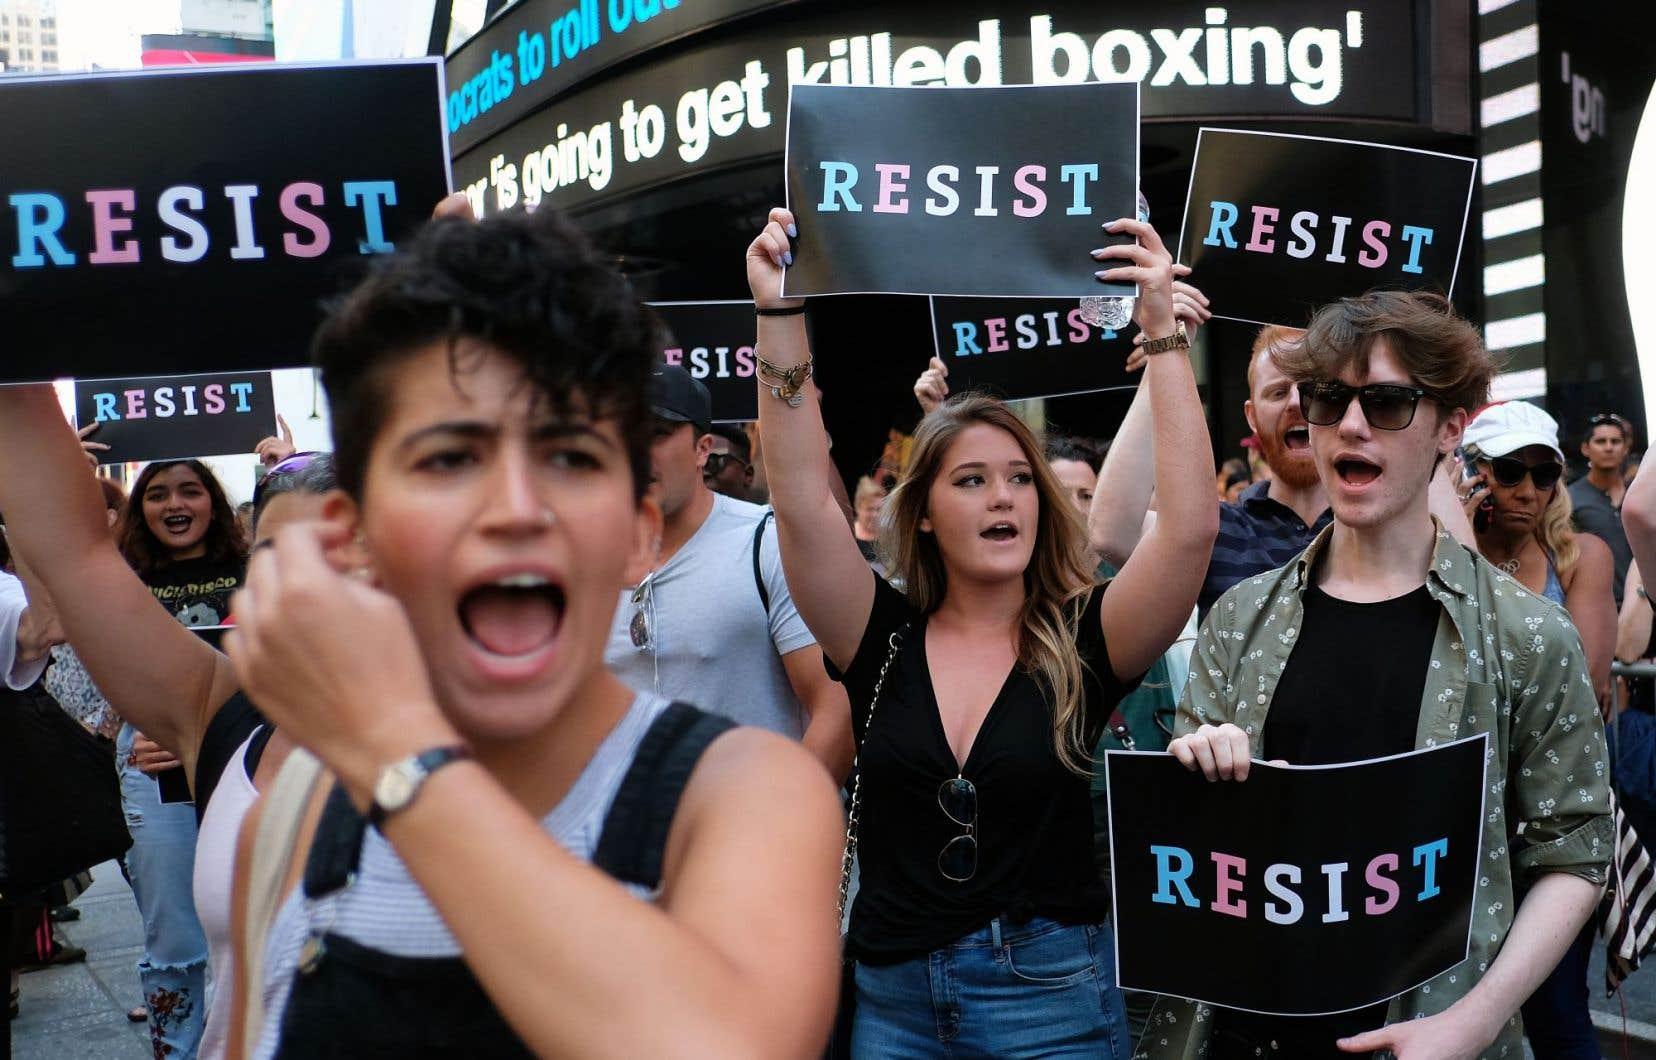 Des manifestants dénonçant les actions du président Donald Trump, à Times Square, le 26juillet dernier, jour où il a annoncé l'interdiction de l'emploi des transsexuels à la défense nationale